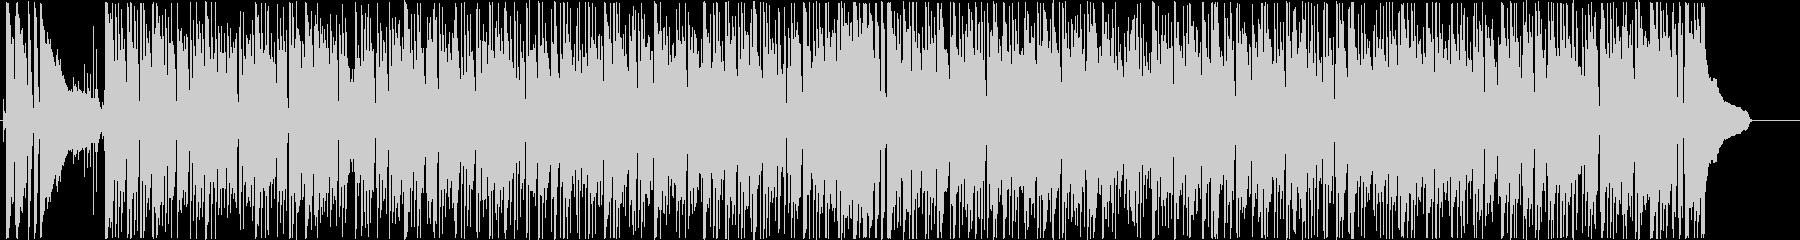 明るく爽やかなボサノバ調のBGMの未再生の波形